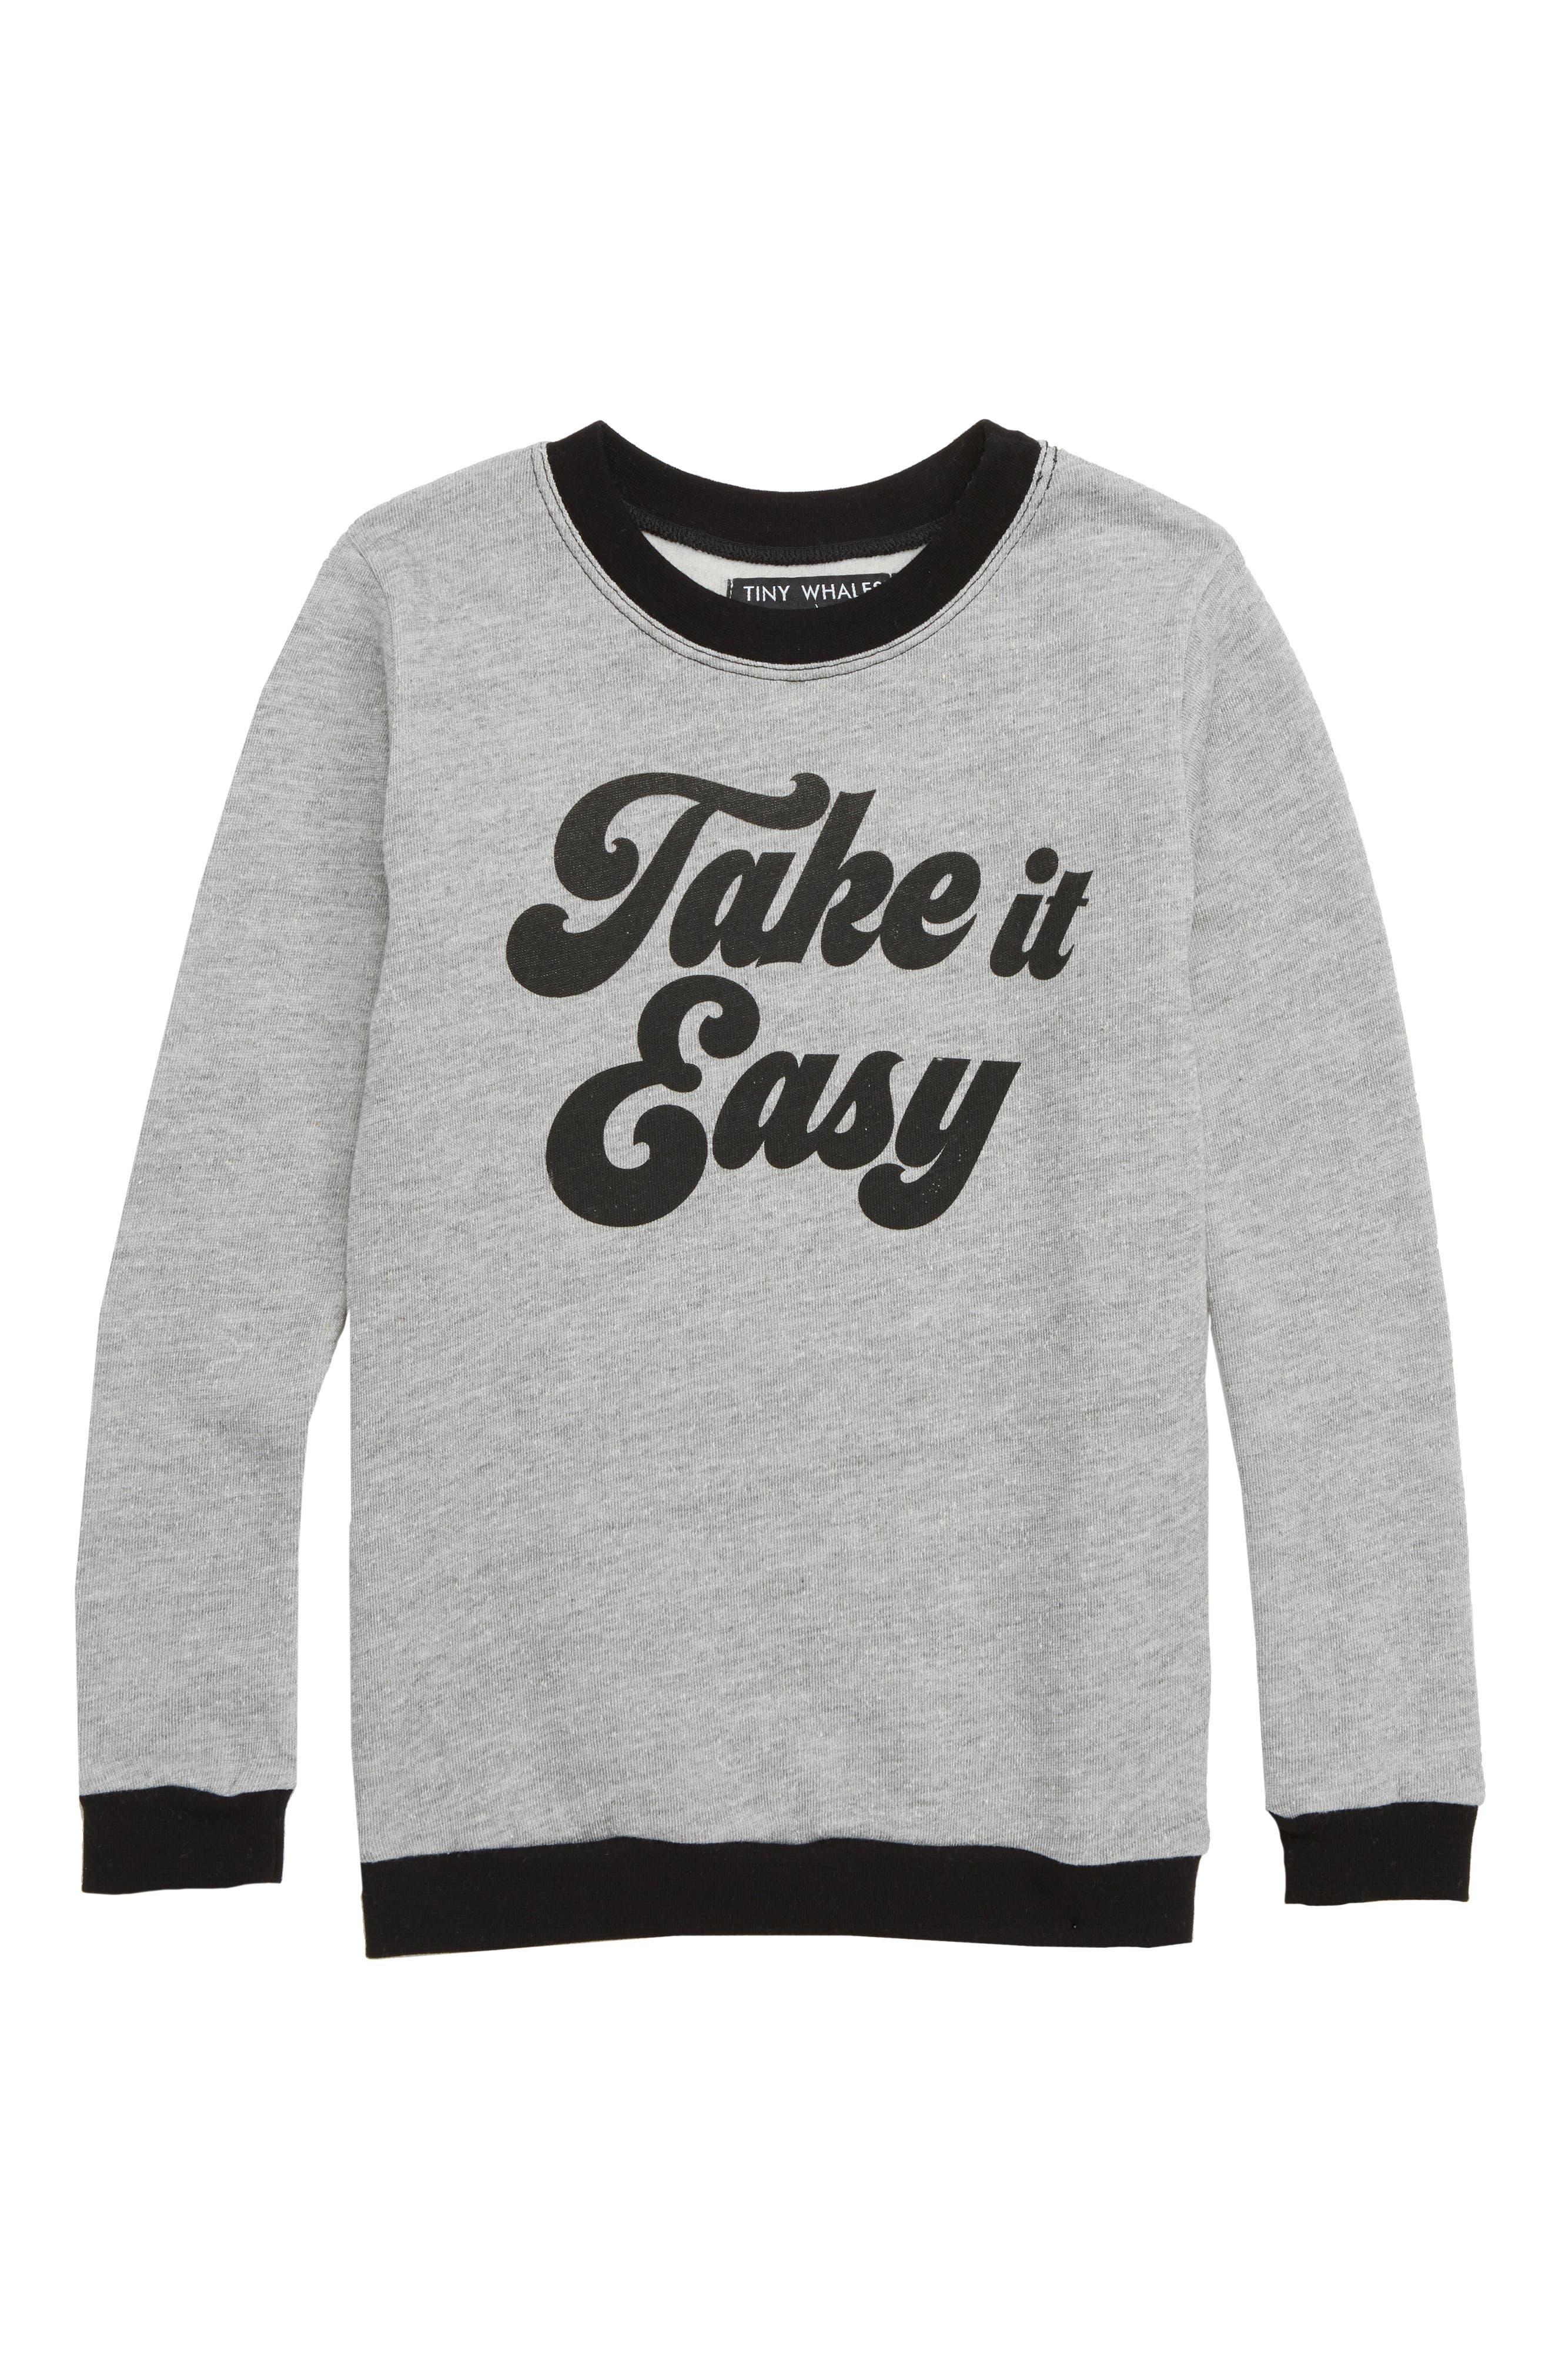 Boys Tiny Whales Take It Easy Sweatshirt